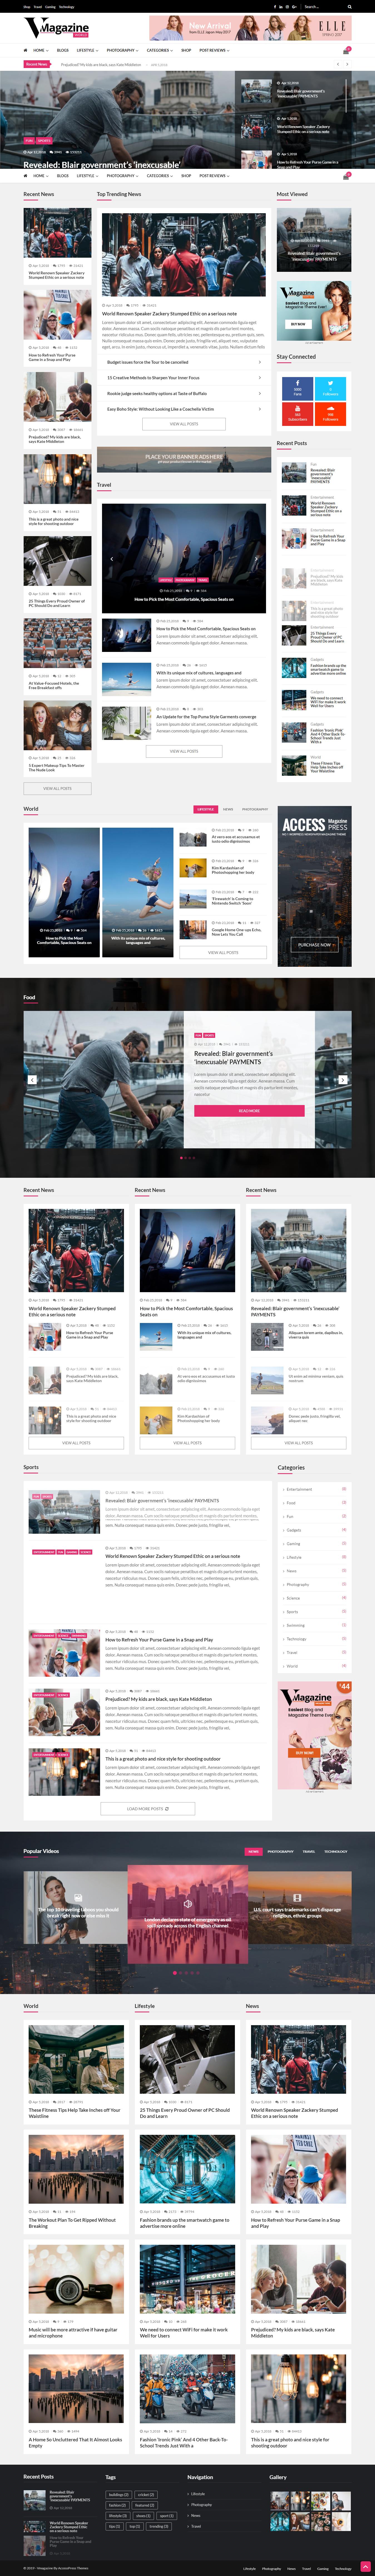 VMagazine - Mejor tema de WordPress de revisión premium